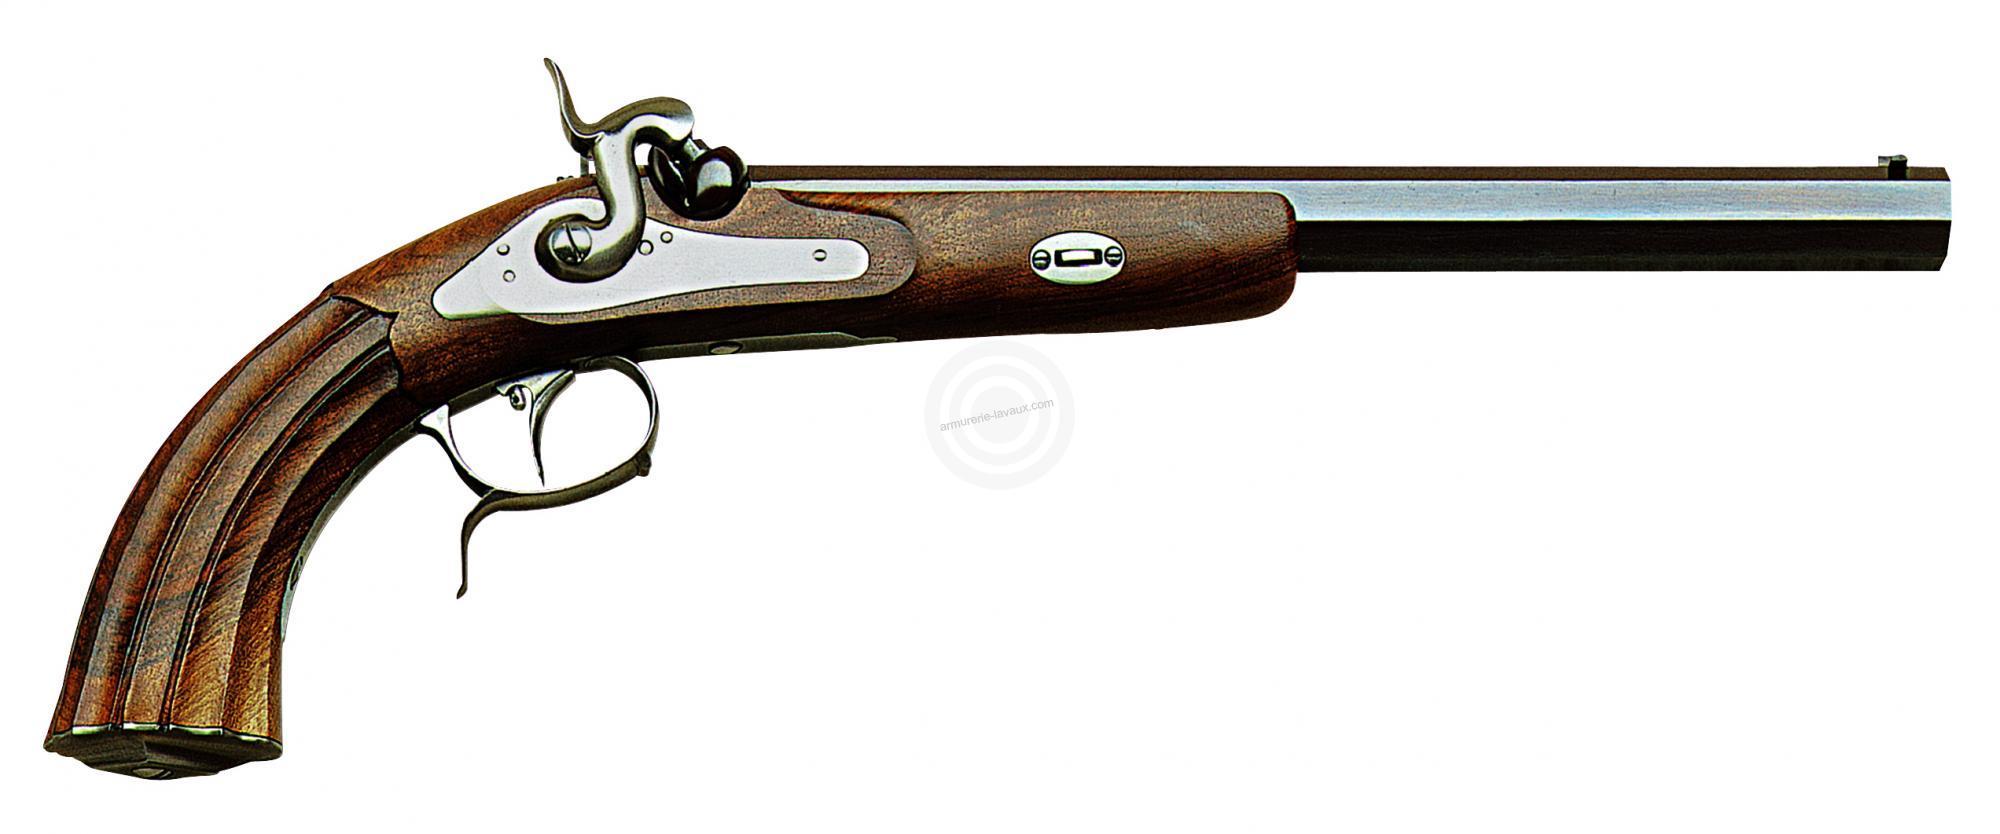 pistolet poudre noire pedersoli mang in graz standard armes poudre noire sur. Black Bedroom Furniture Sets. Home Design Ideas